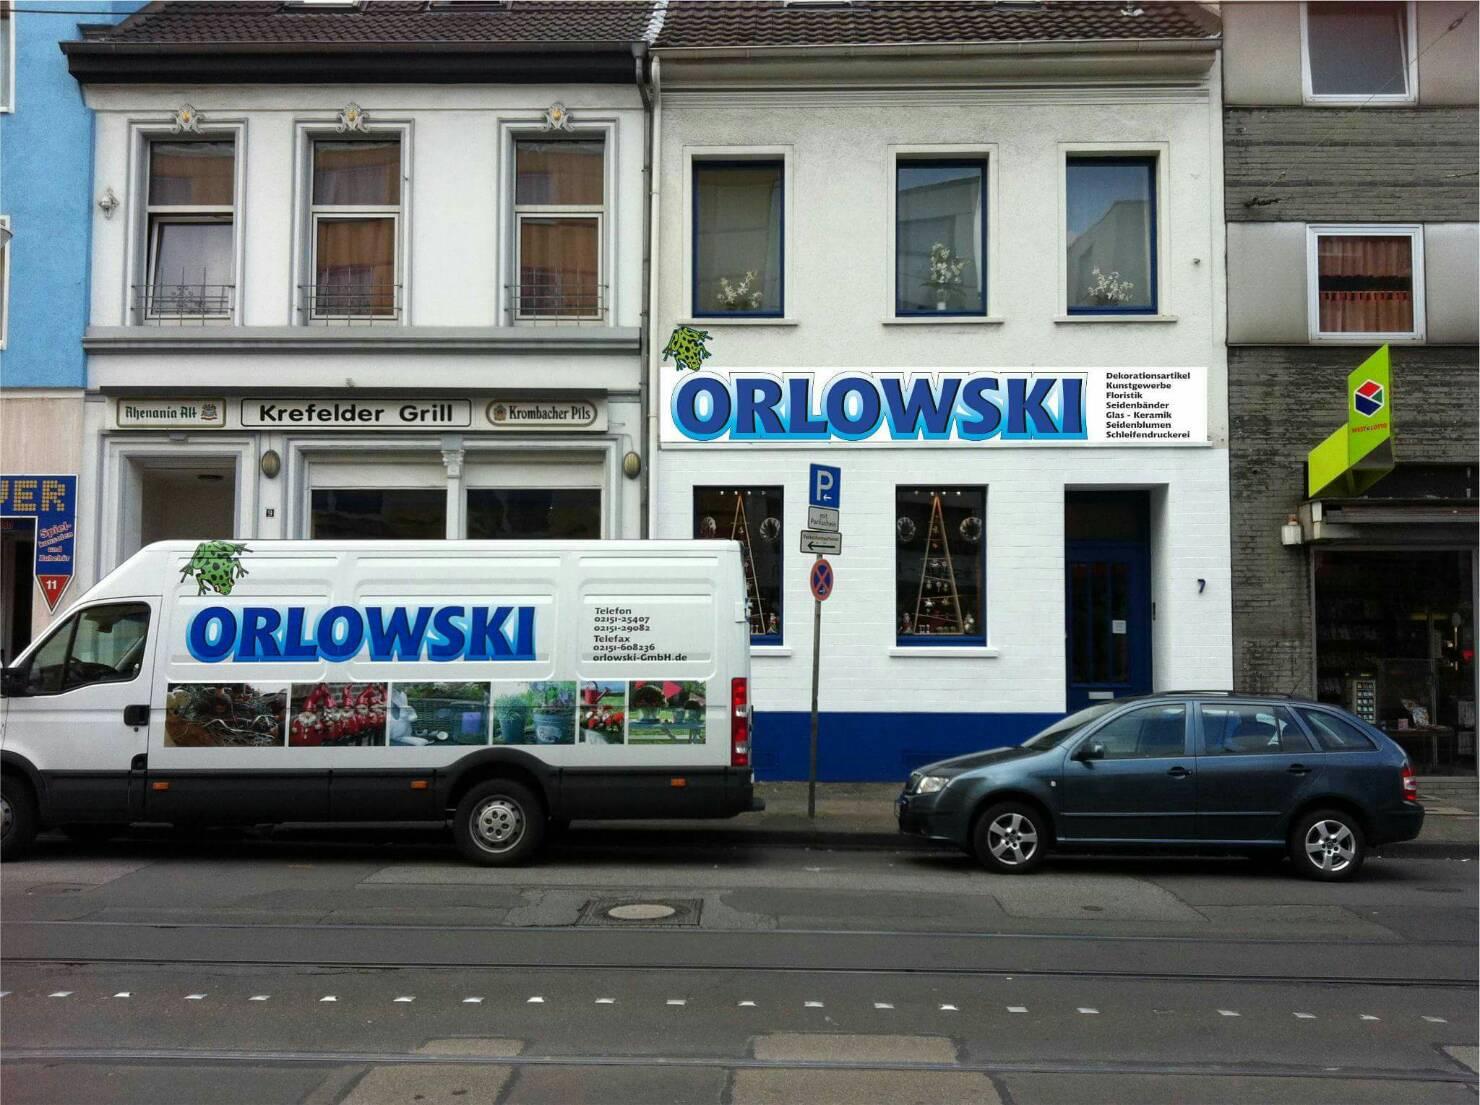 Lokal Krefeld, bis zu 70% Rabatt wegen Räumungsverkauf im Deko Laden Orlowski Stadtmitte